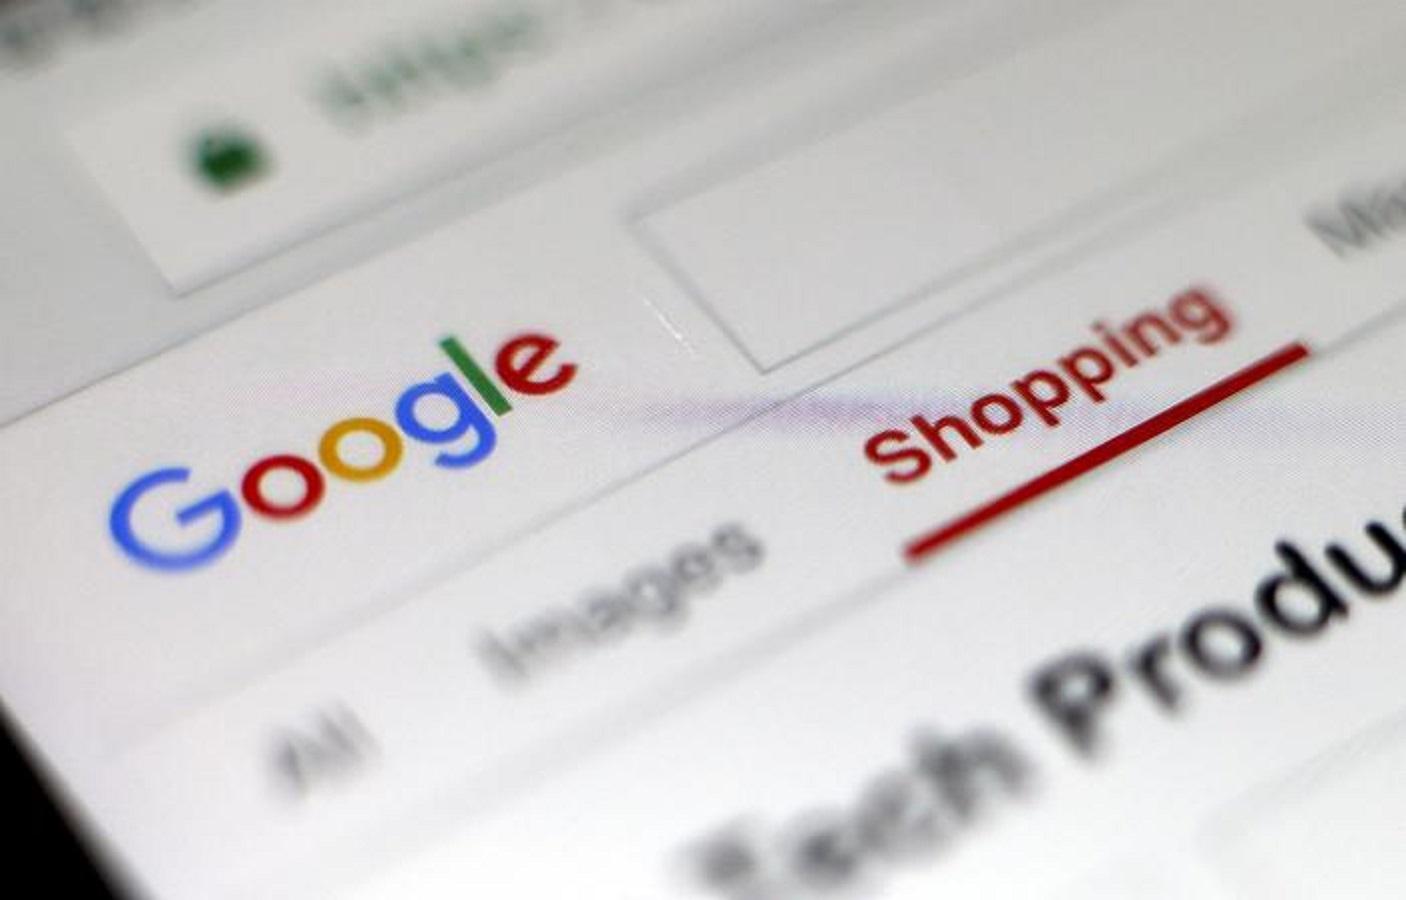 Dipendenza da shopping on line. Per psicoterapeuti un disturbo mentale